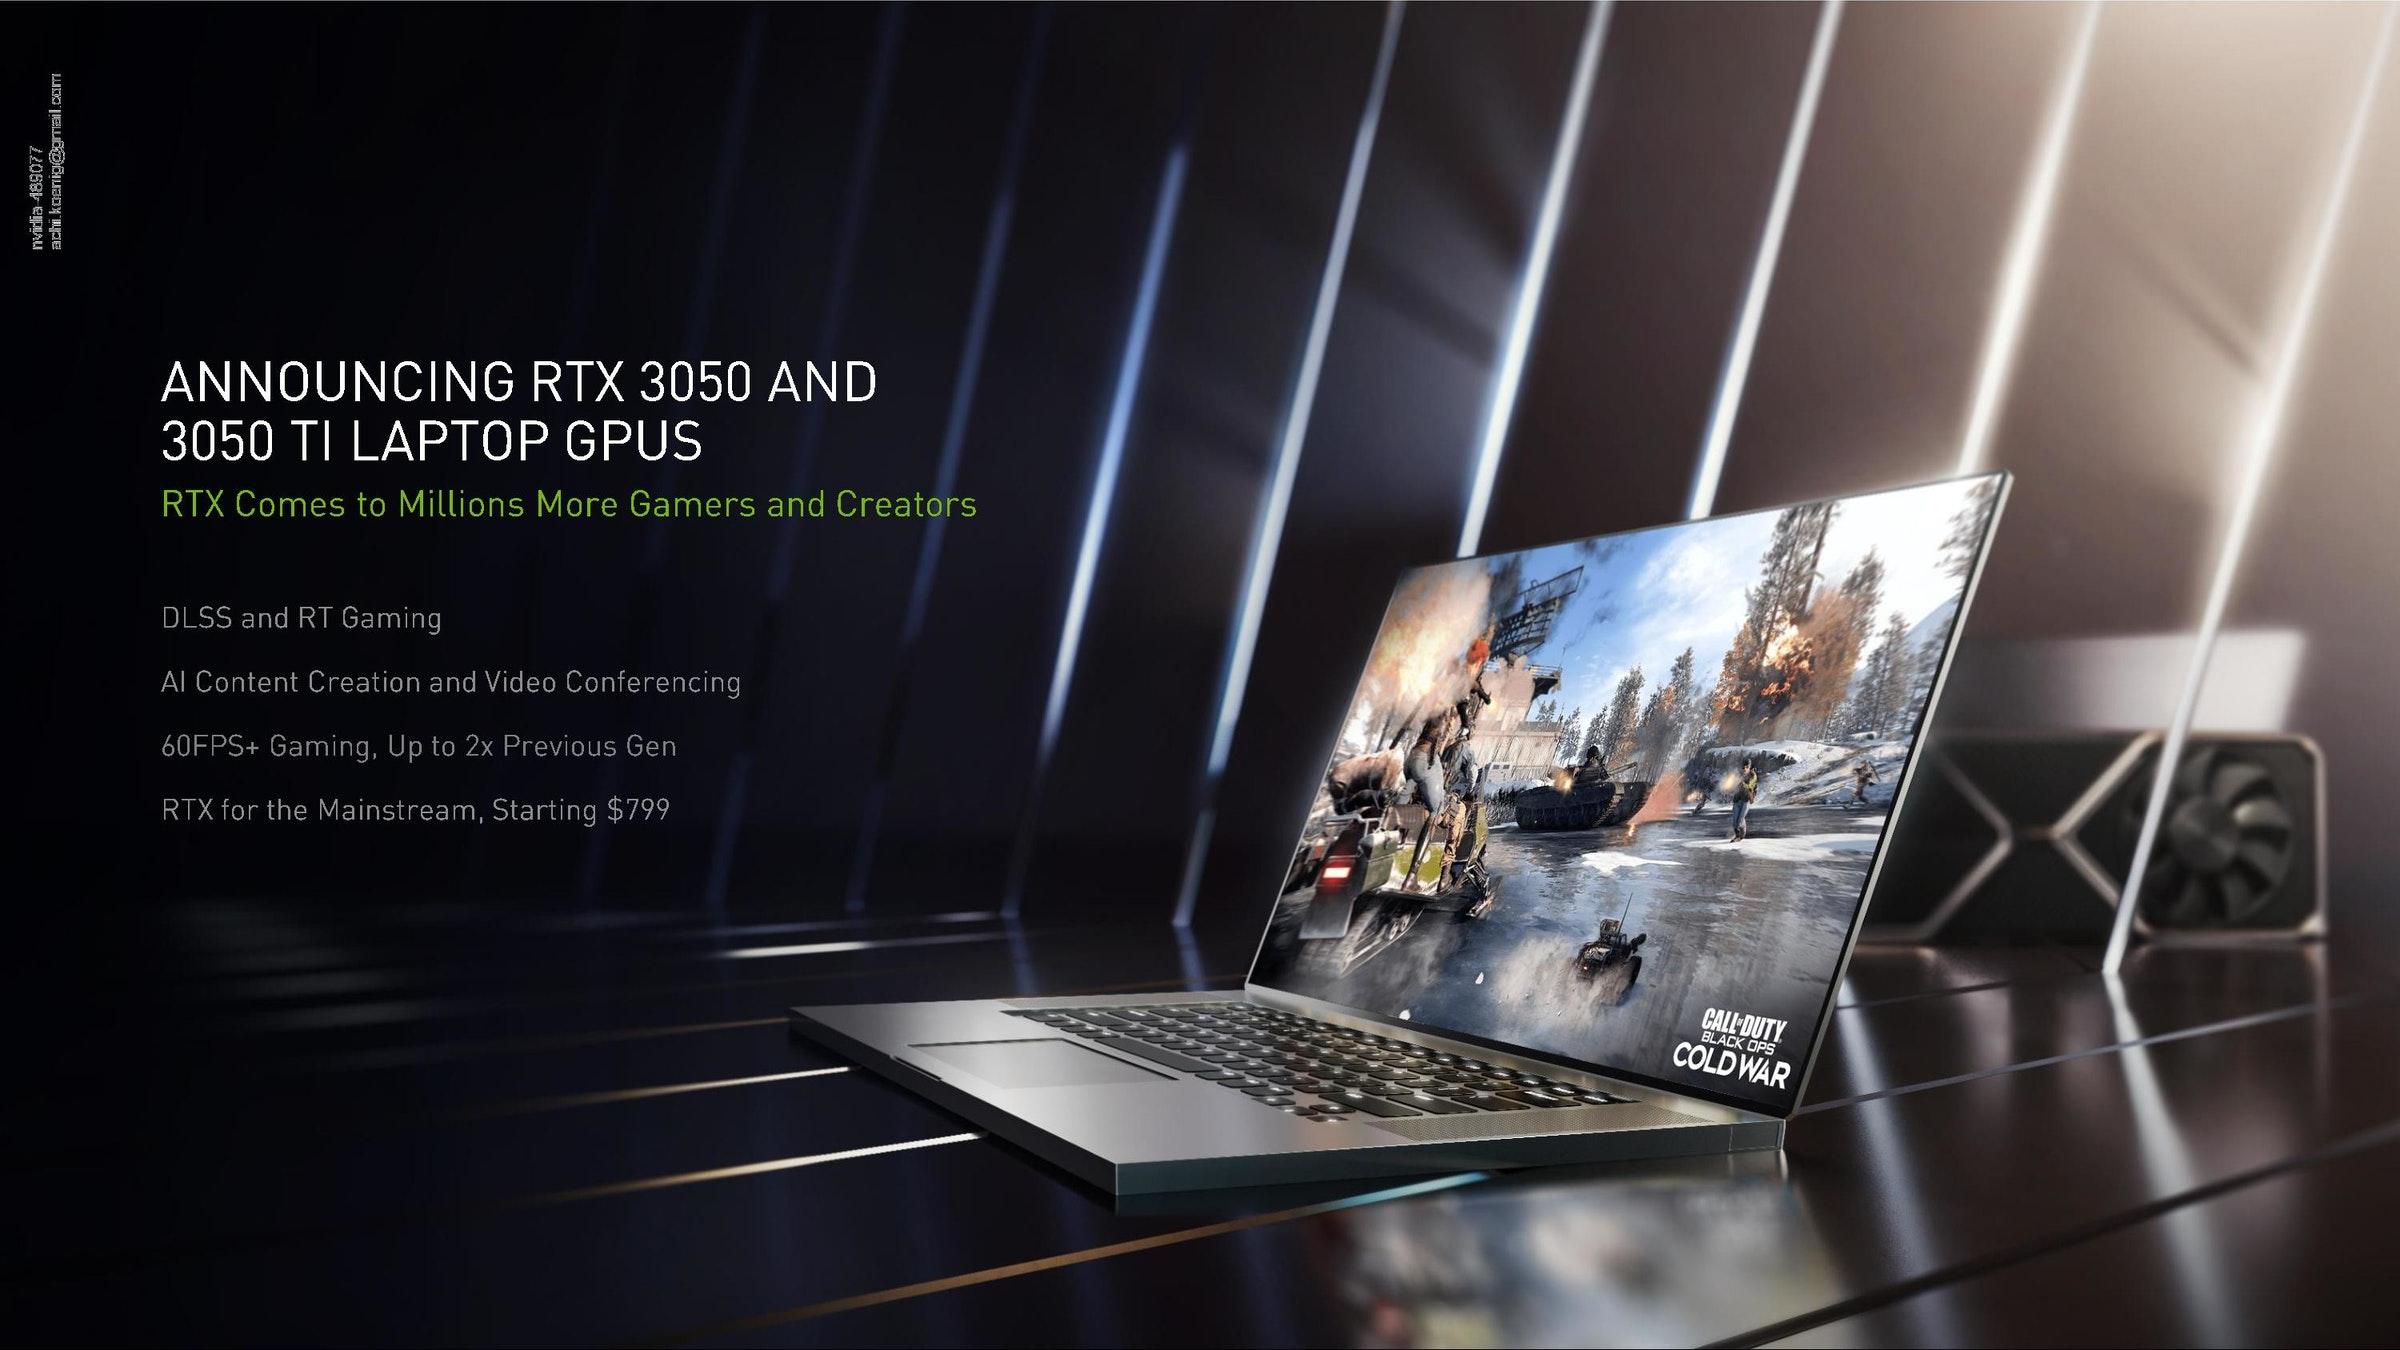 照片中提到了ANNOUNCING RTX 3050 AND、3050 TI LAPTOP GPUS、RTX Comes to Millions More Gamers and Creators,包含了rtx 3080筆記本電腦、NVIDIA GeForce RTX 3080、Palit GeForce RTX 3070 GamingPro、GeForce 30系列、筆記本電腦